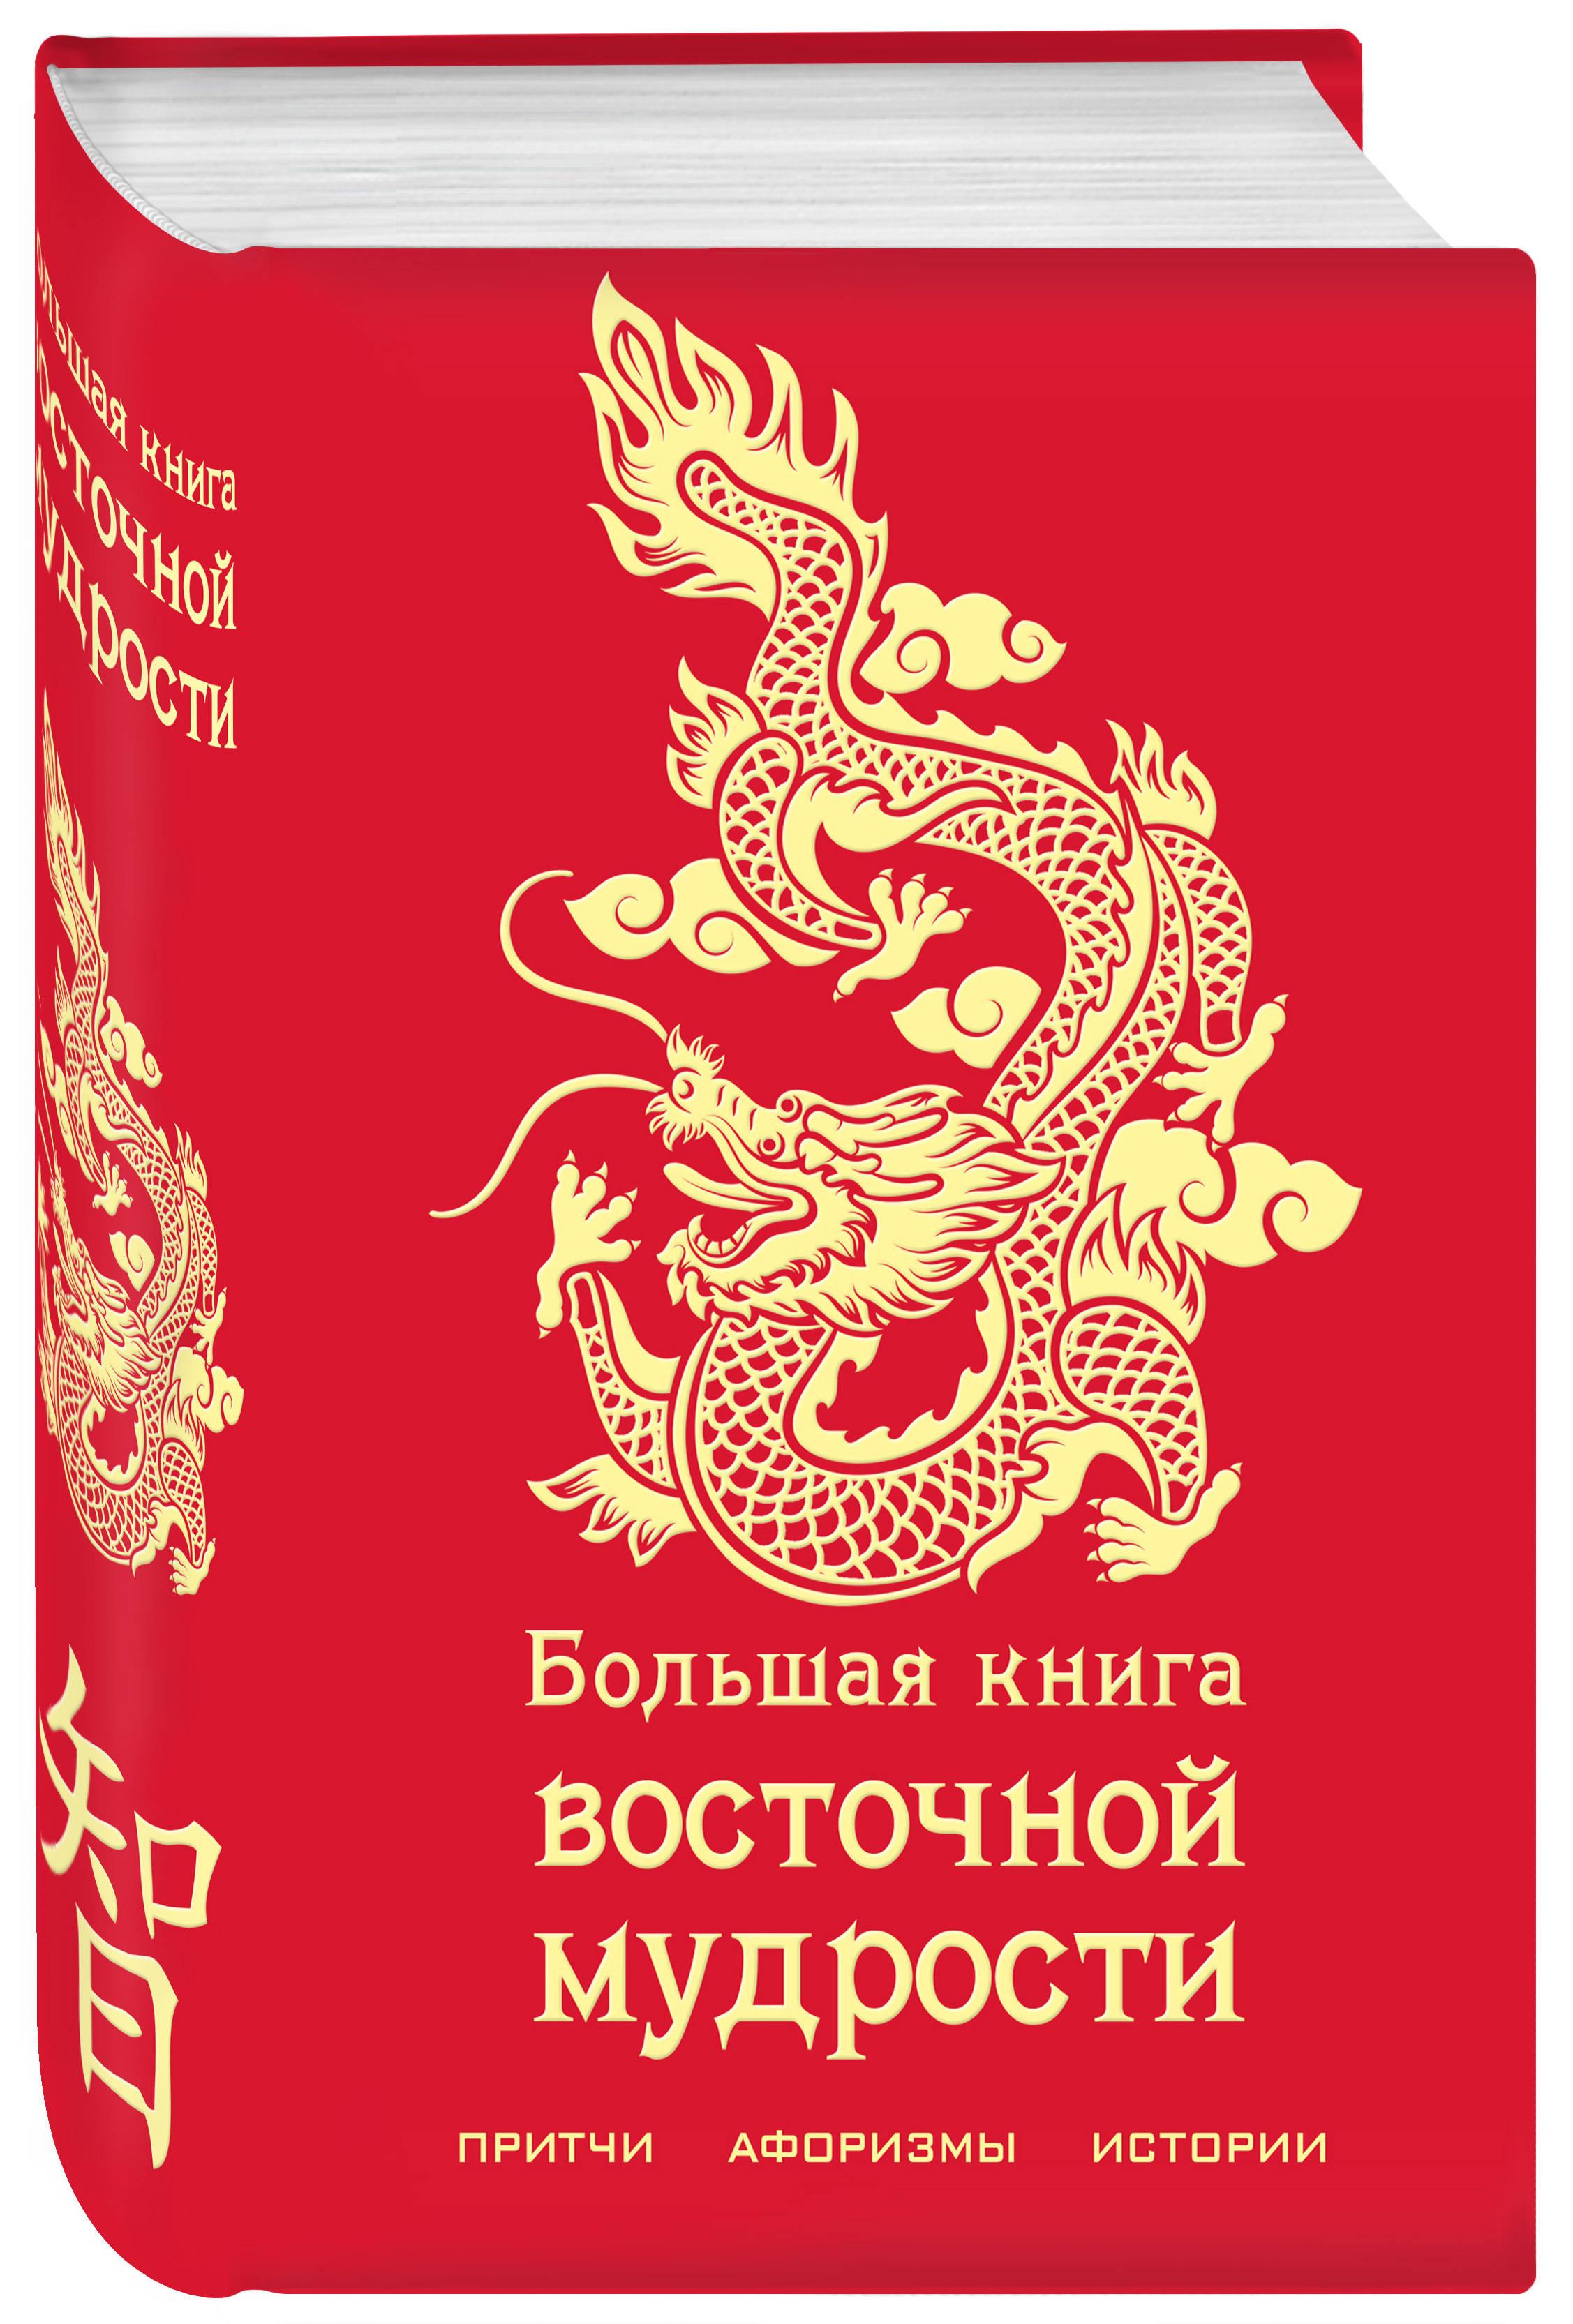 Большая книга восточной мудрости (с драконом) большая книга афоризмов и притч мудрость христианства